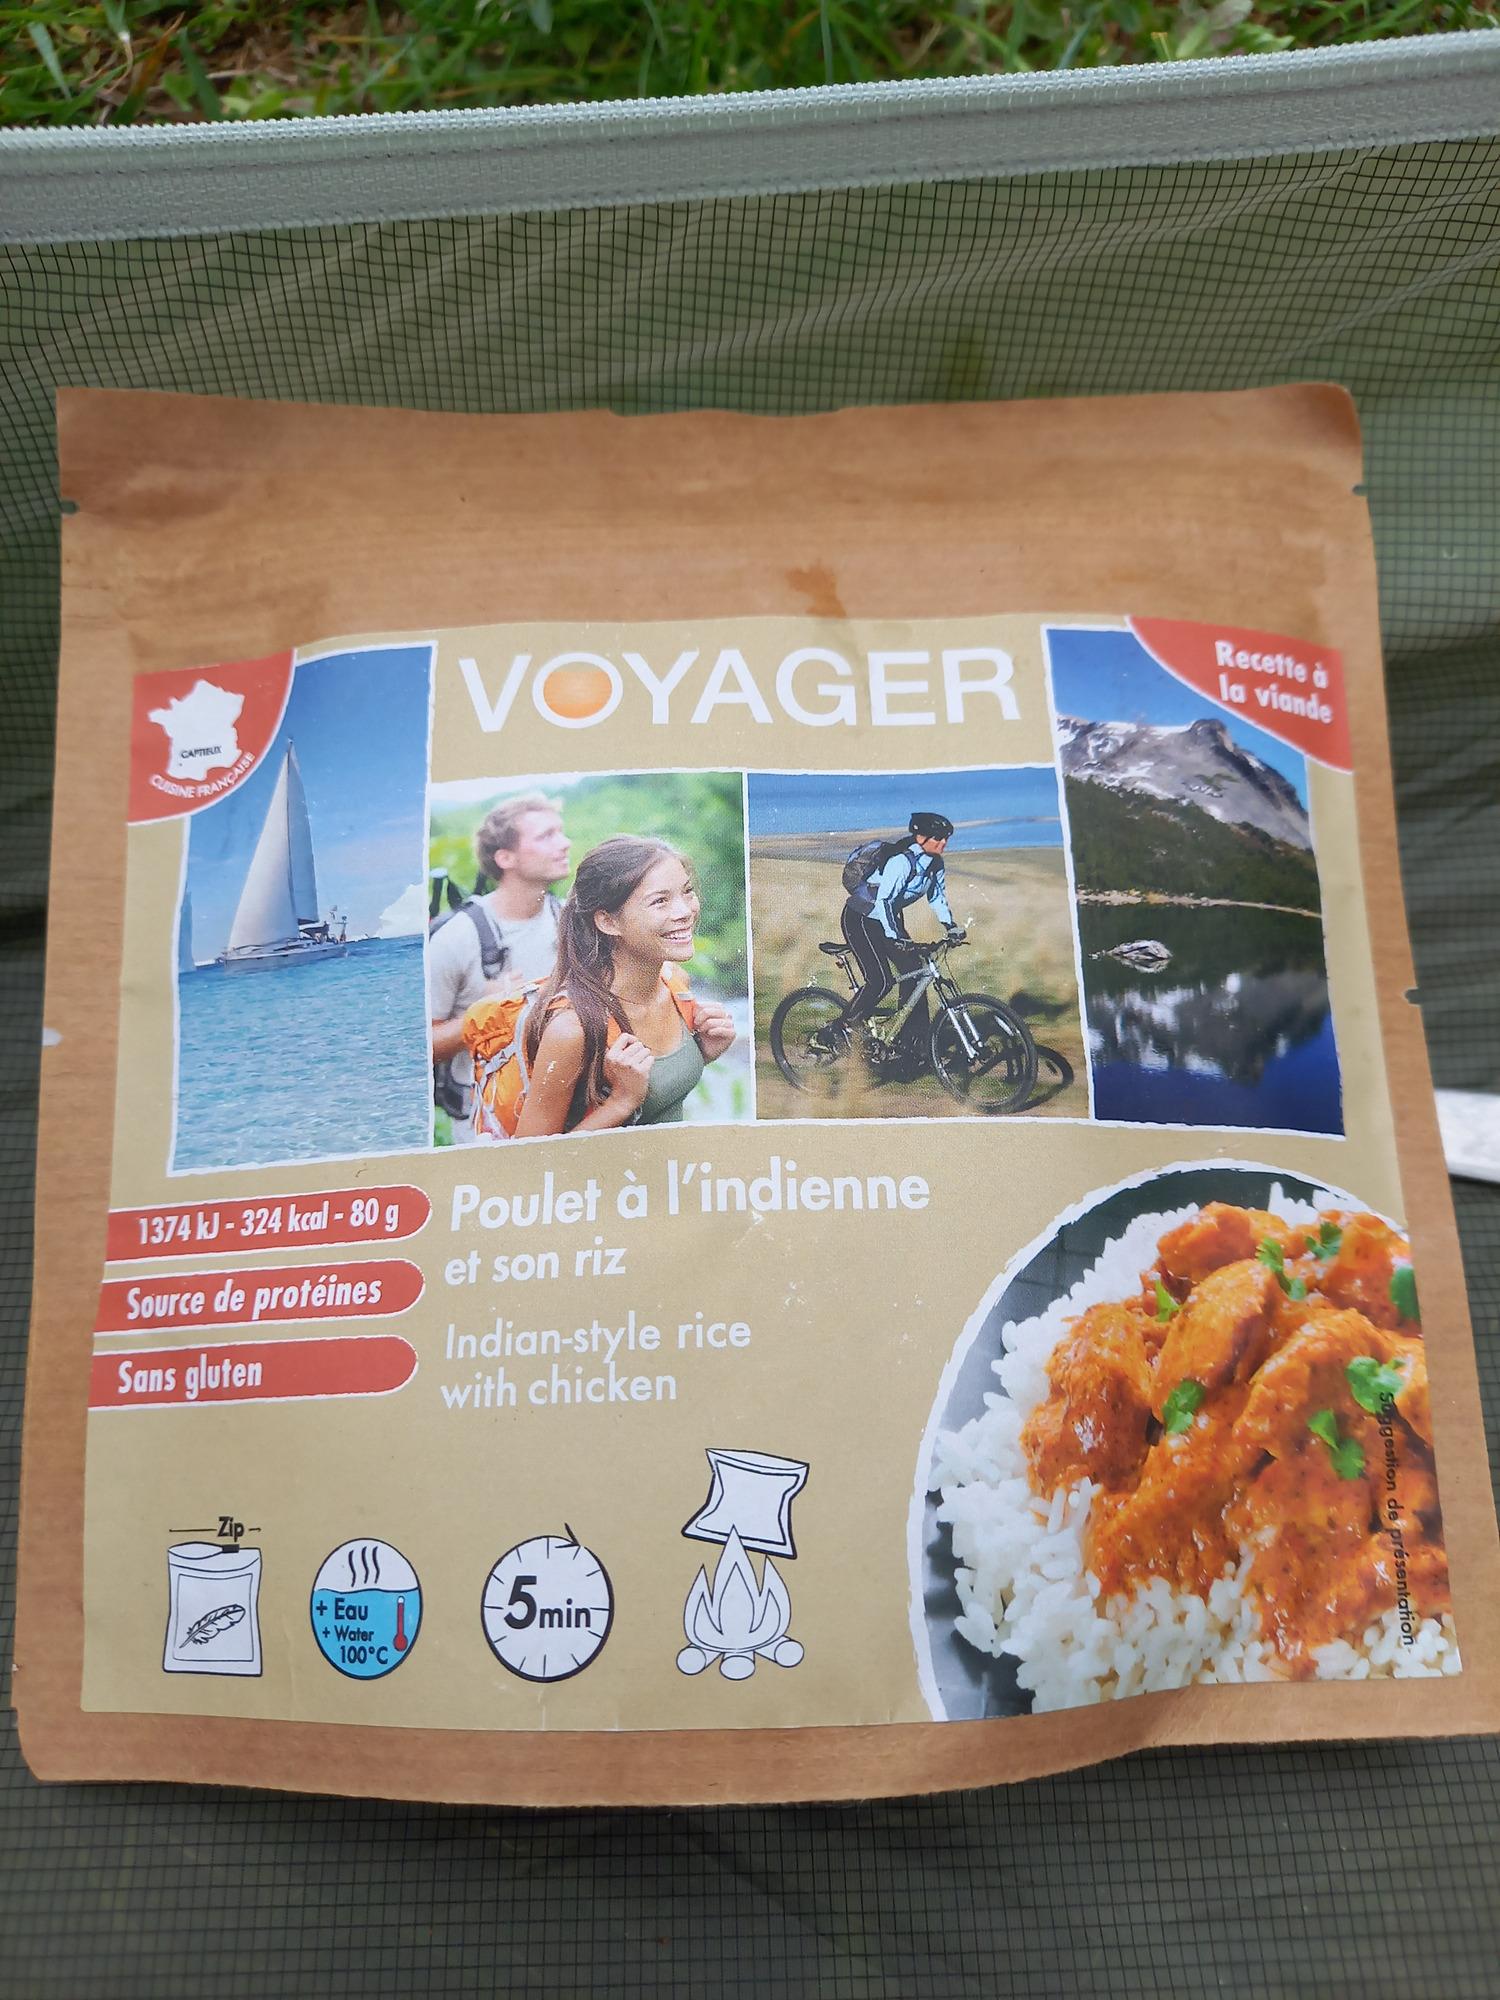 Voyager poulet a l'indienne et son riz